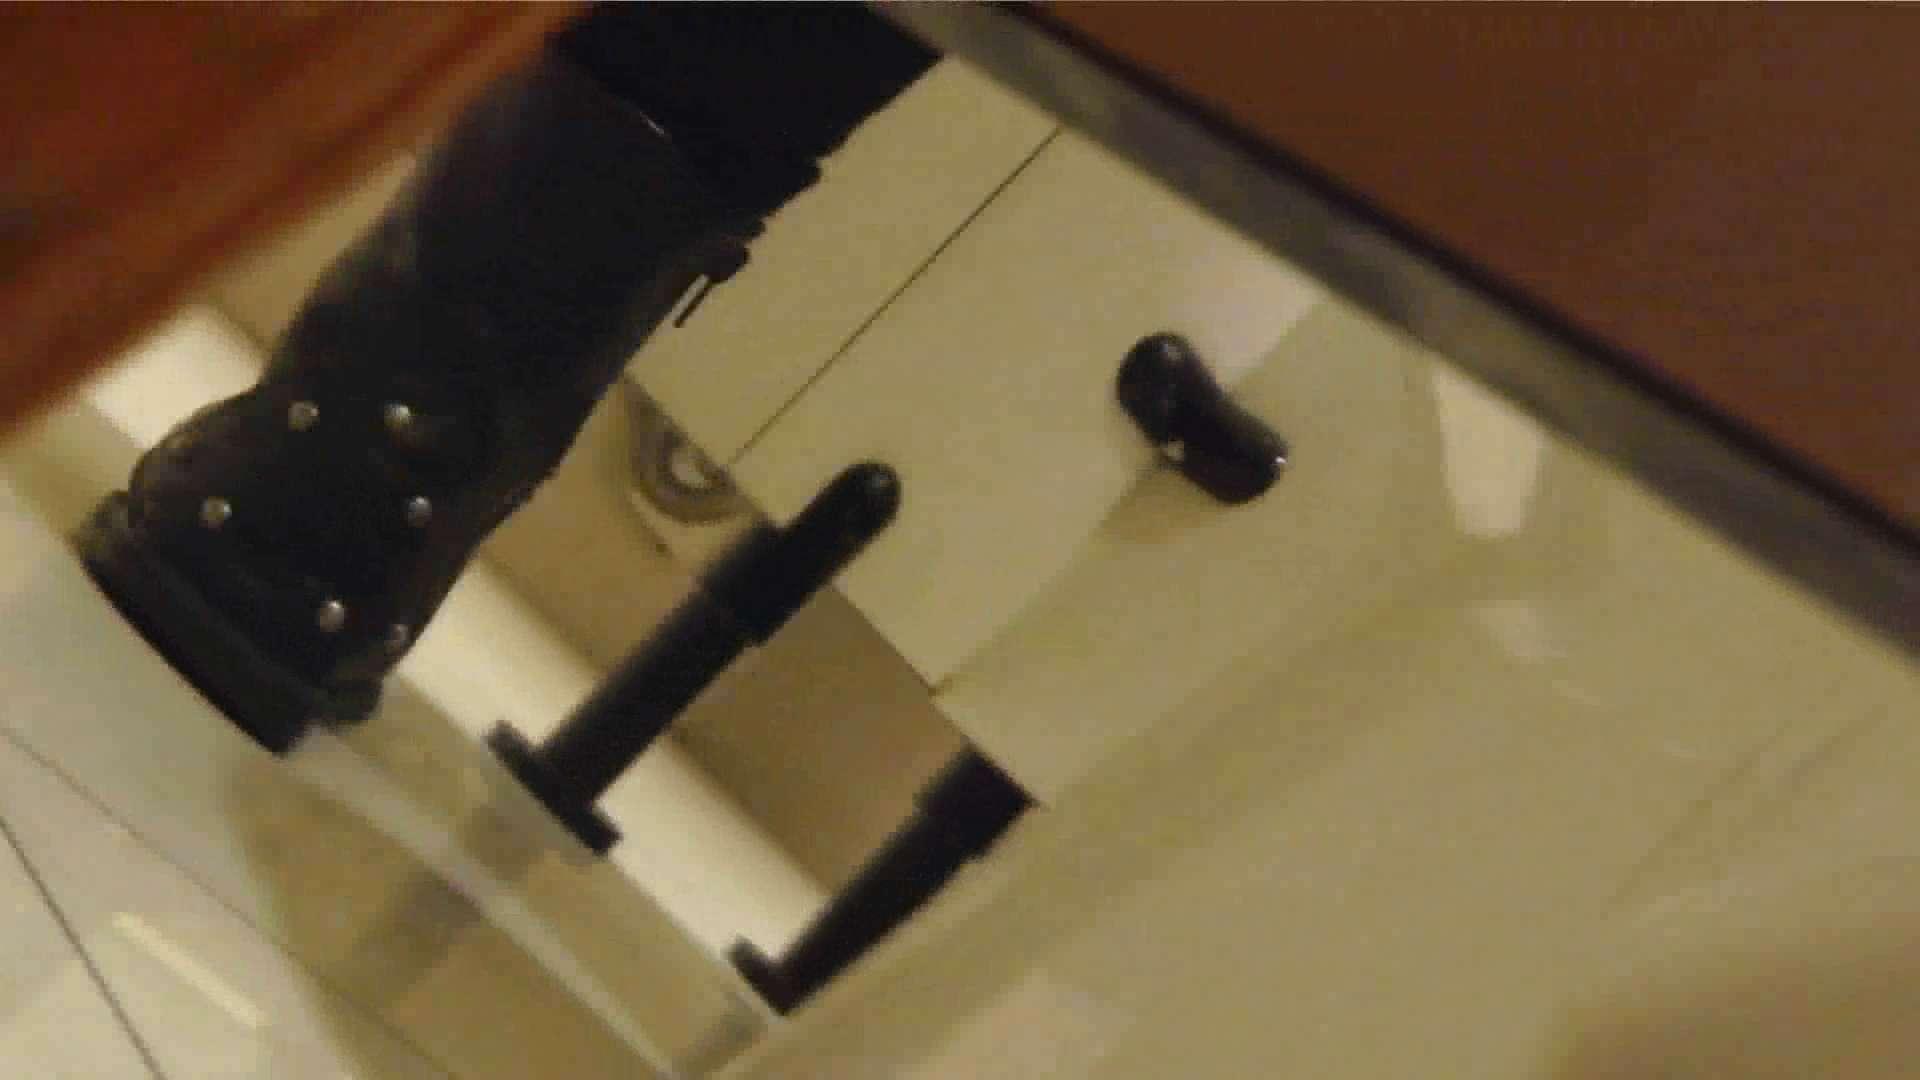 世界の射窓から vol.41 ぼうしタンのアソコ 盛合せ AV動画キャプチャ 91枚 53